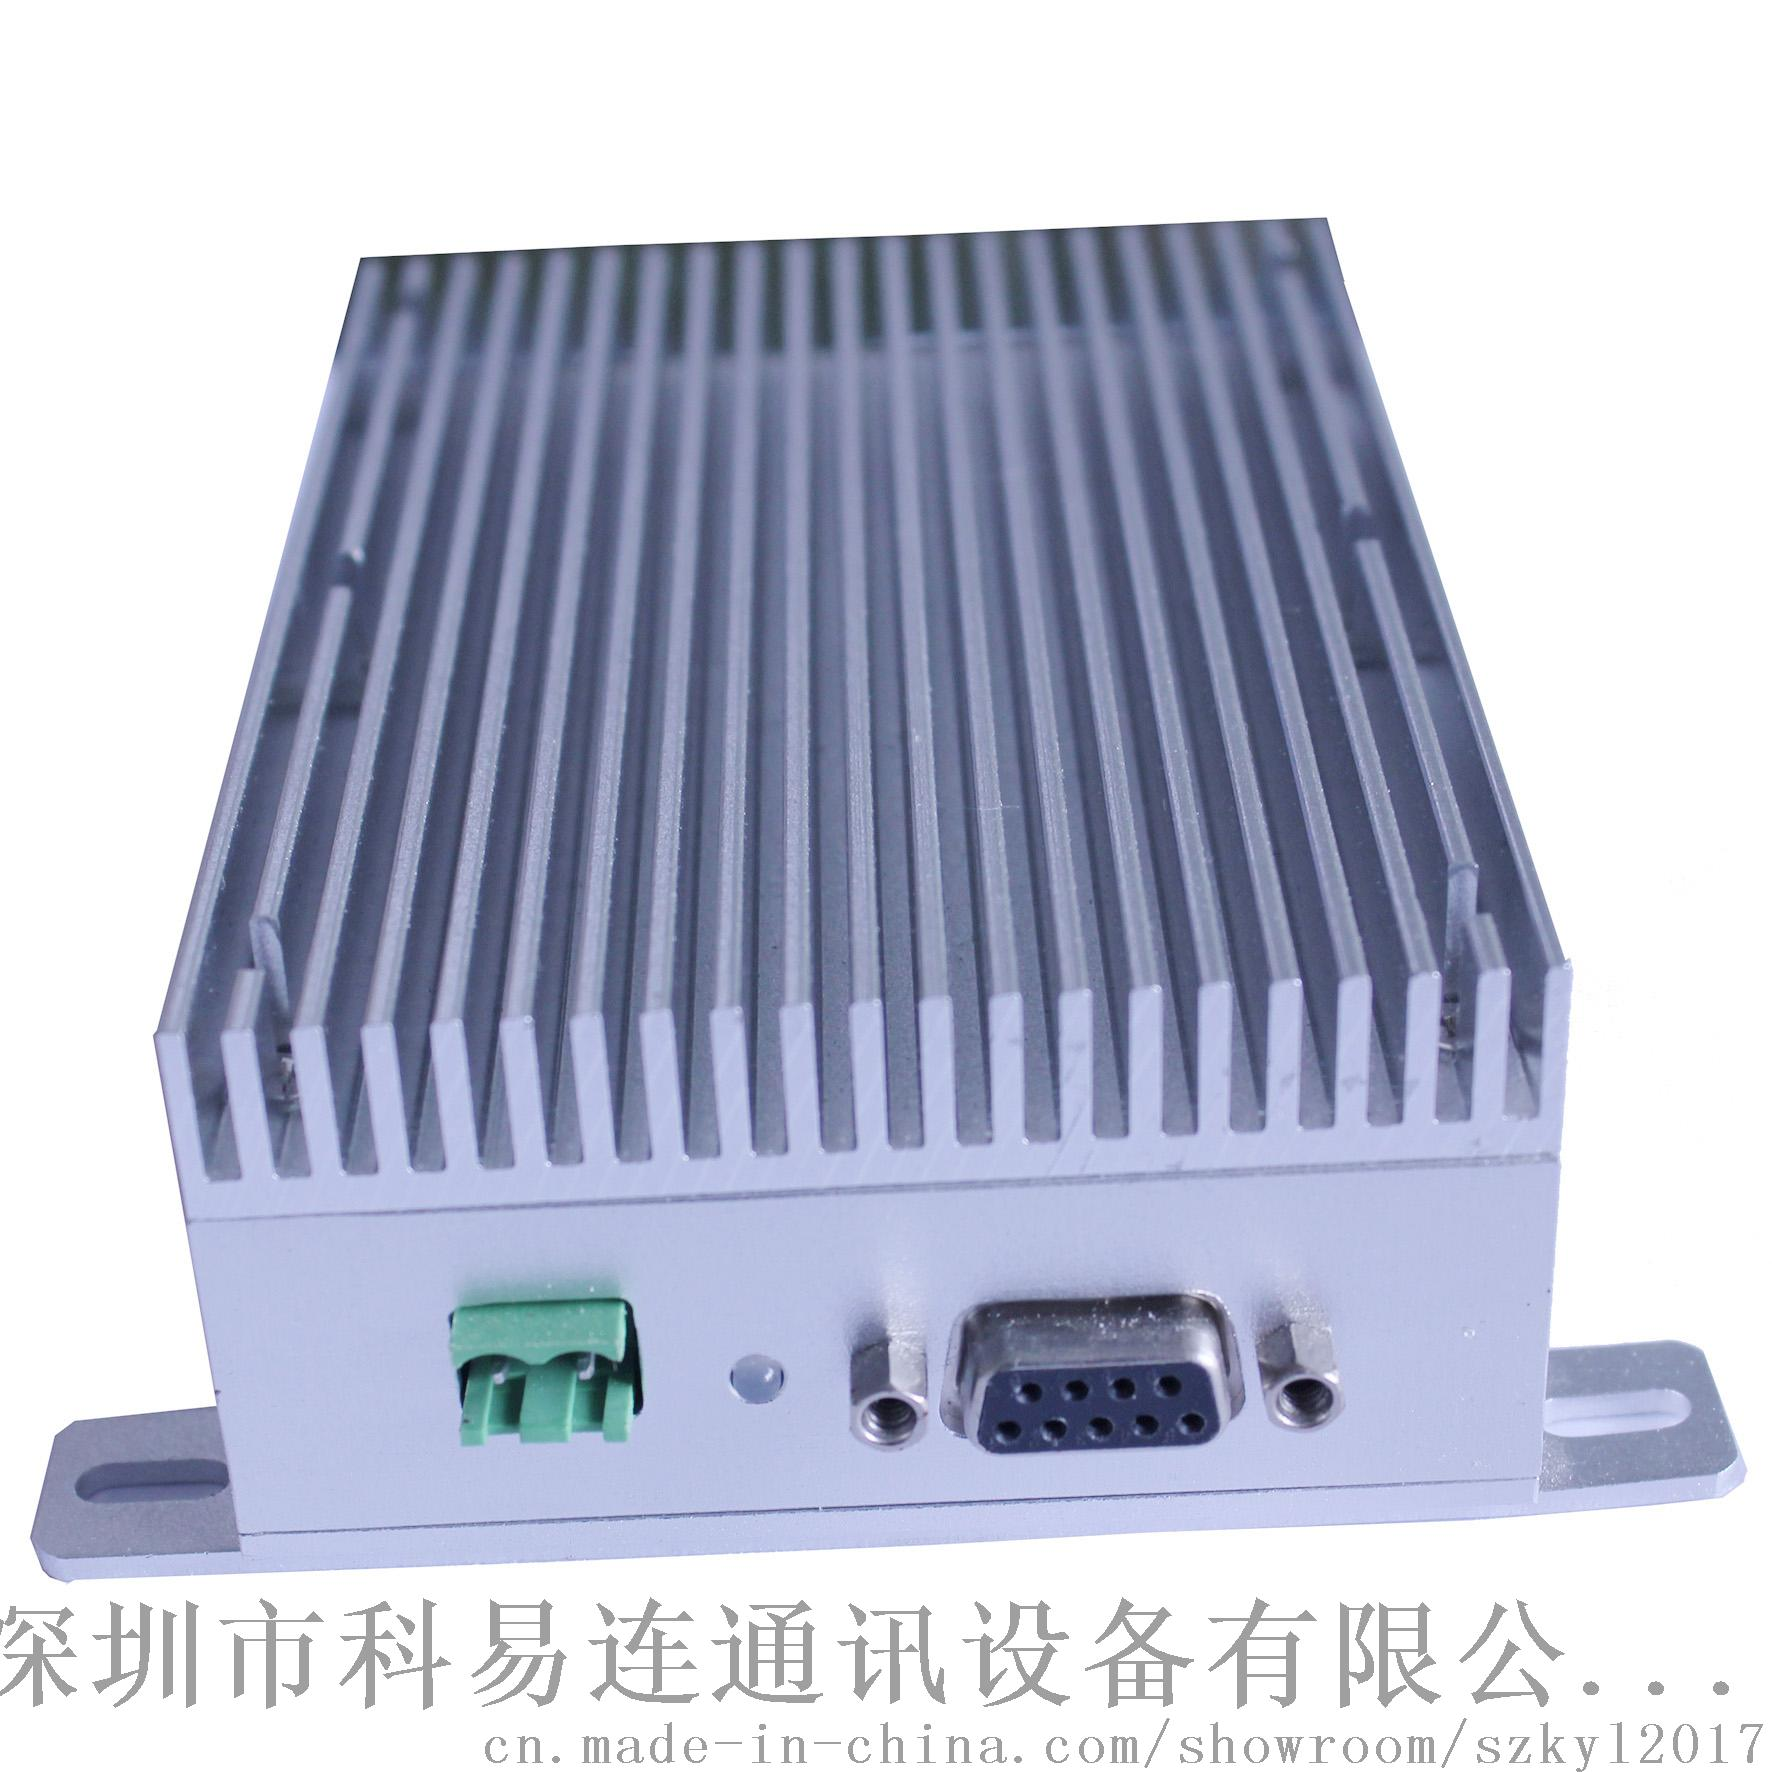 KYL-668大功率无线数传模块船舶城市交通761865915